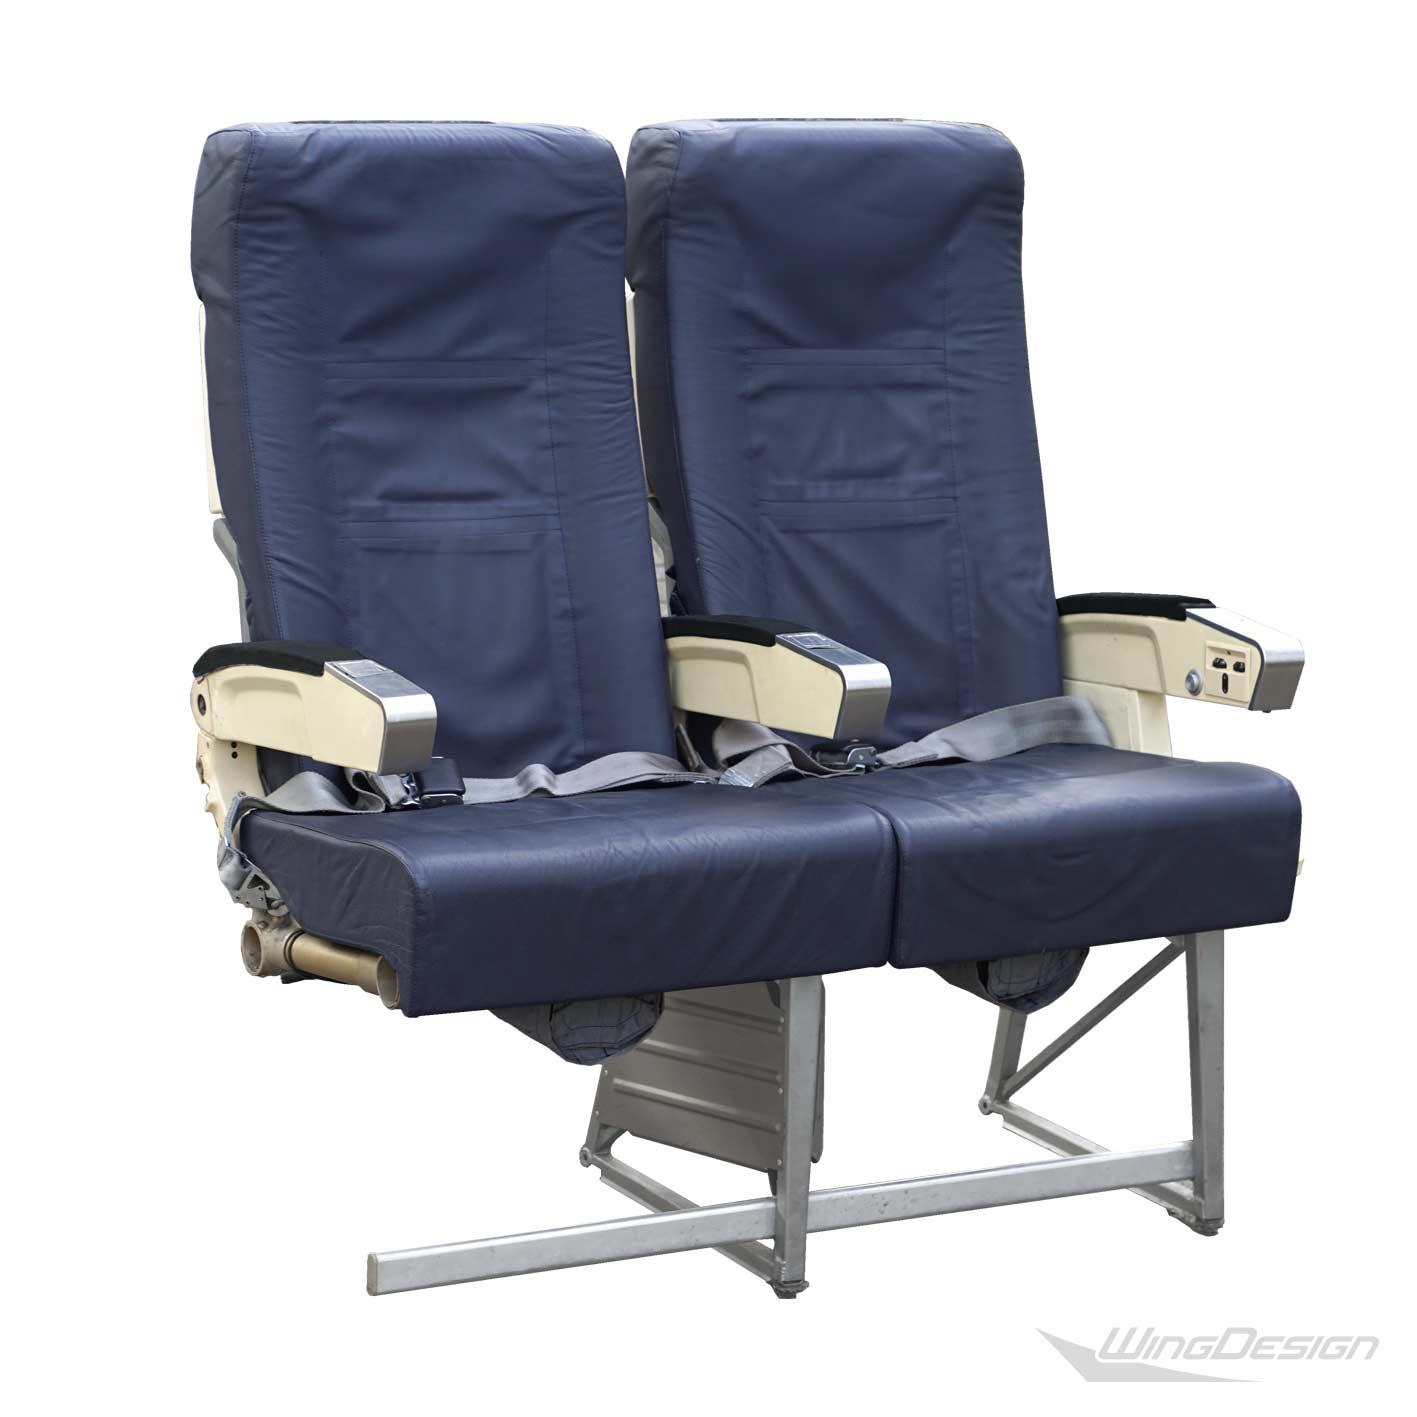 Flugzeugsitz Doppelbank blau Leder gebraucht EconomyClass Aircraftseat